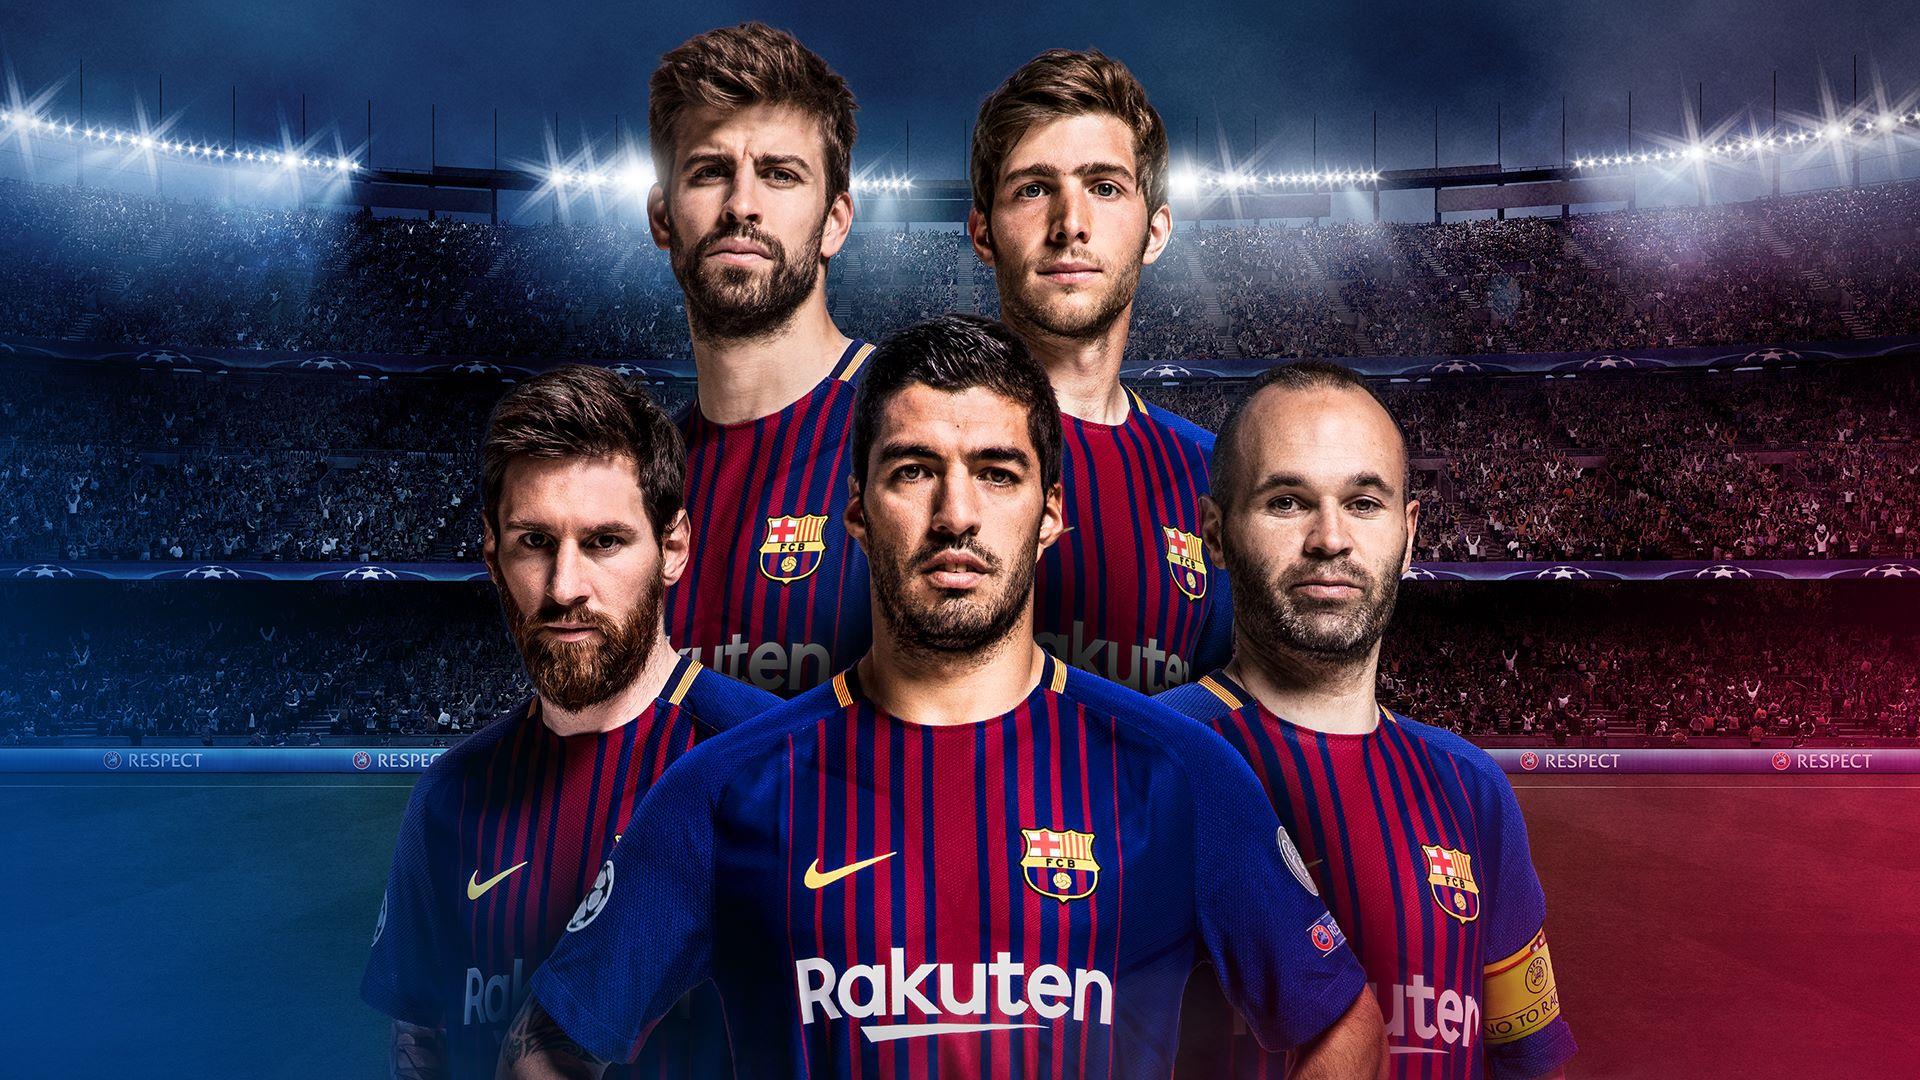 El Barcelona Se Mete De Cabeza En Los Esports Gamba Fm